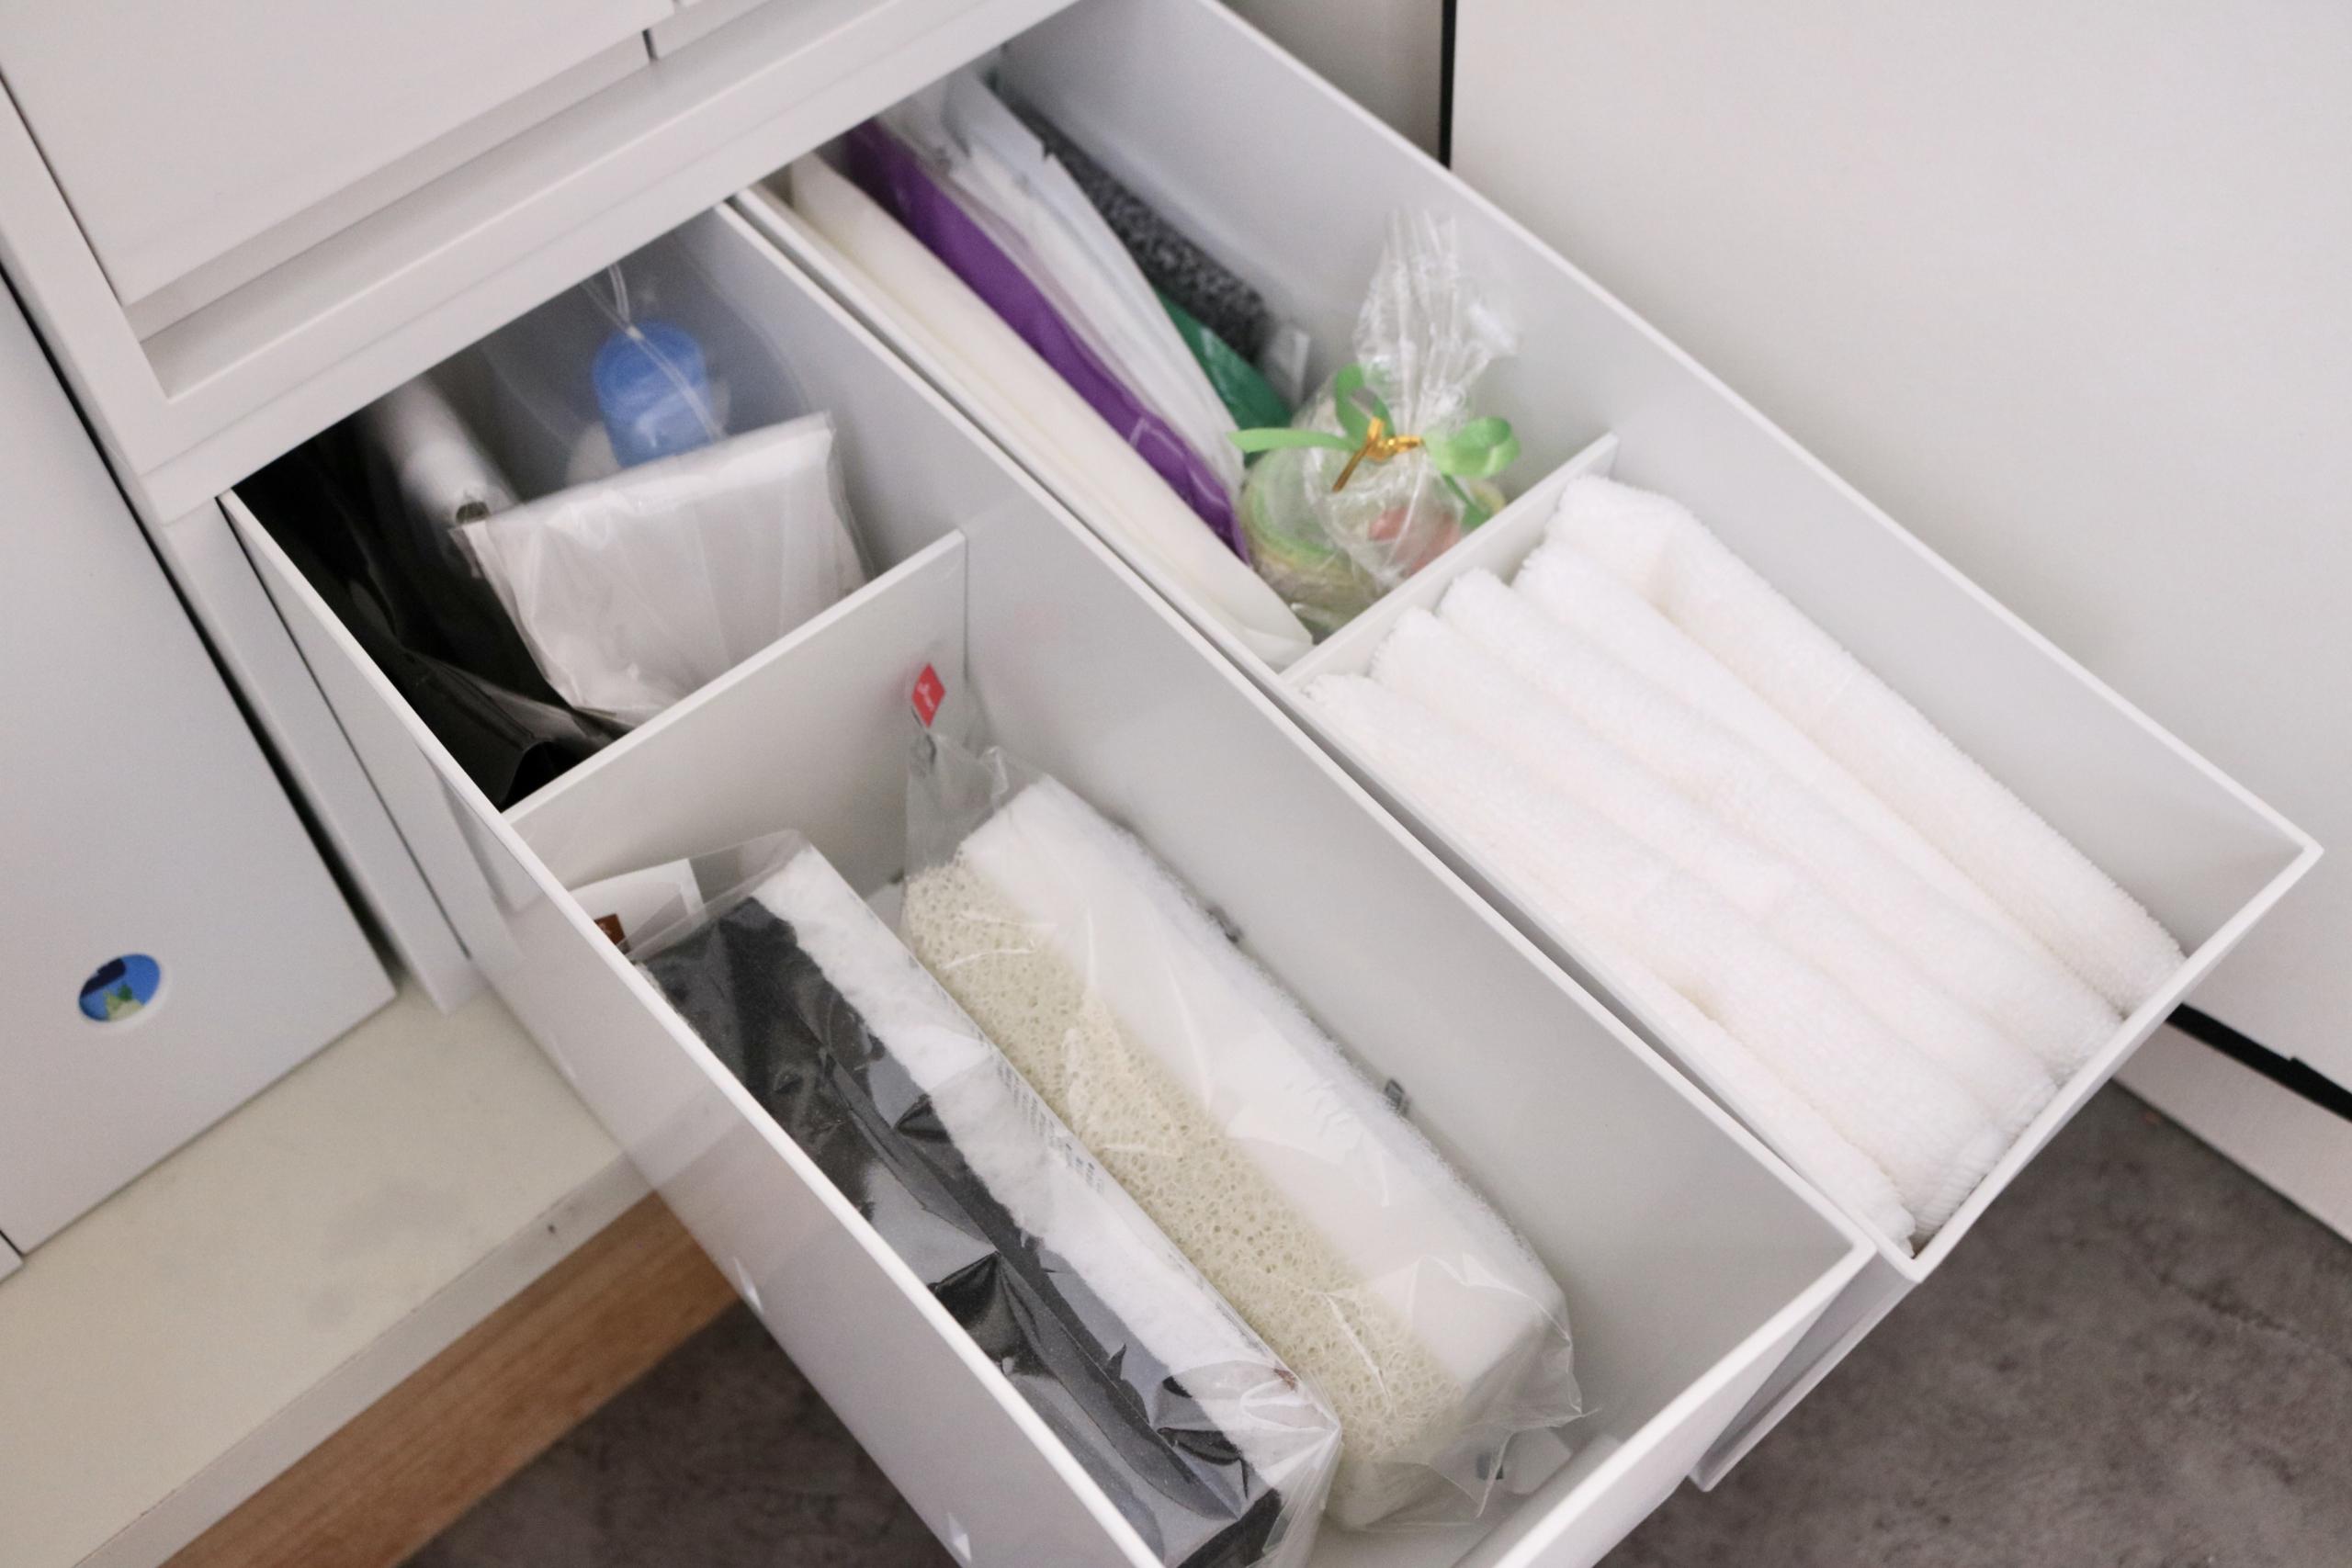 「100円ショップアイテム」で洗面収納のお悩みを解決